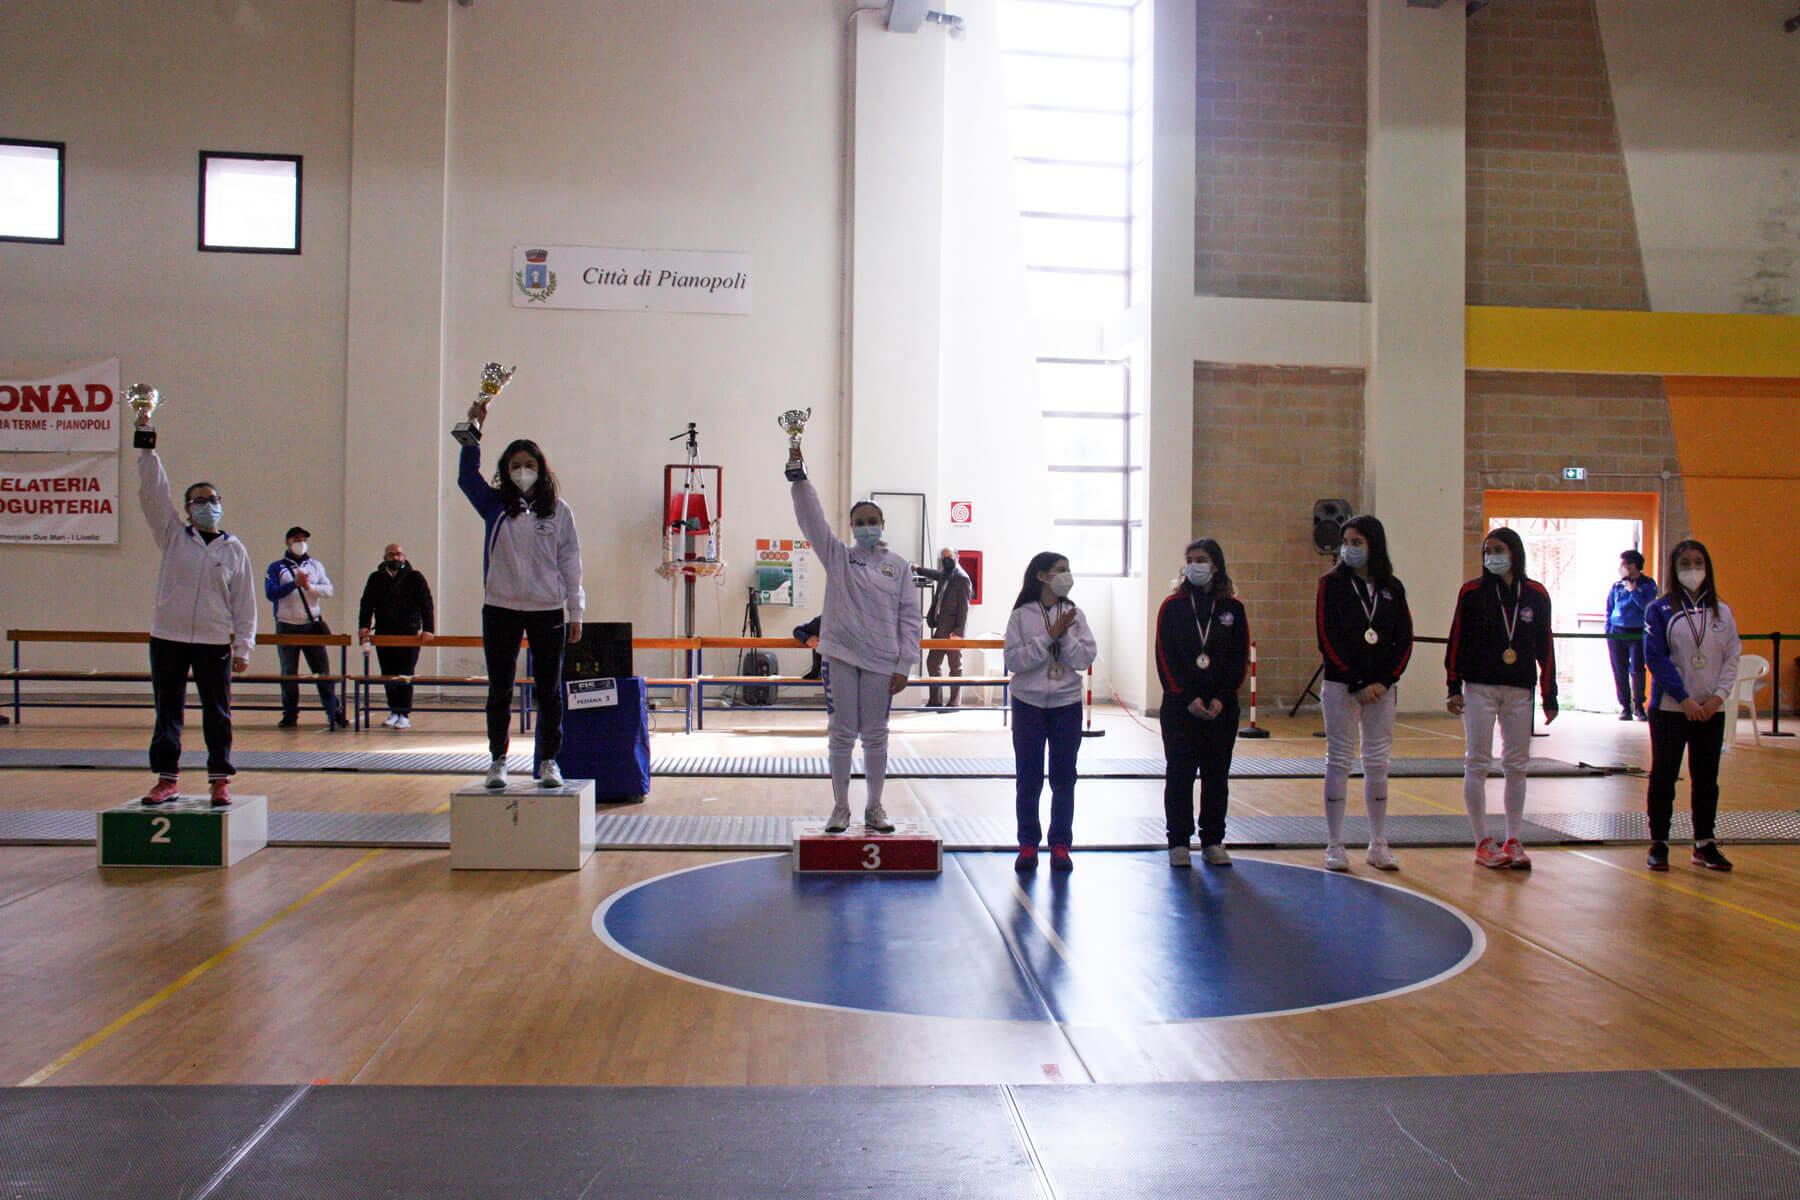 Prova di qualificazione Cadetti e Giovani: il podio di spada femminile Under-20